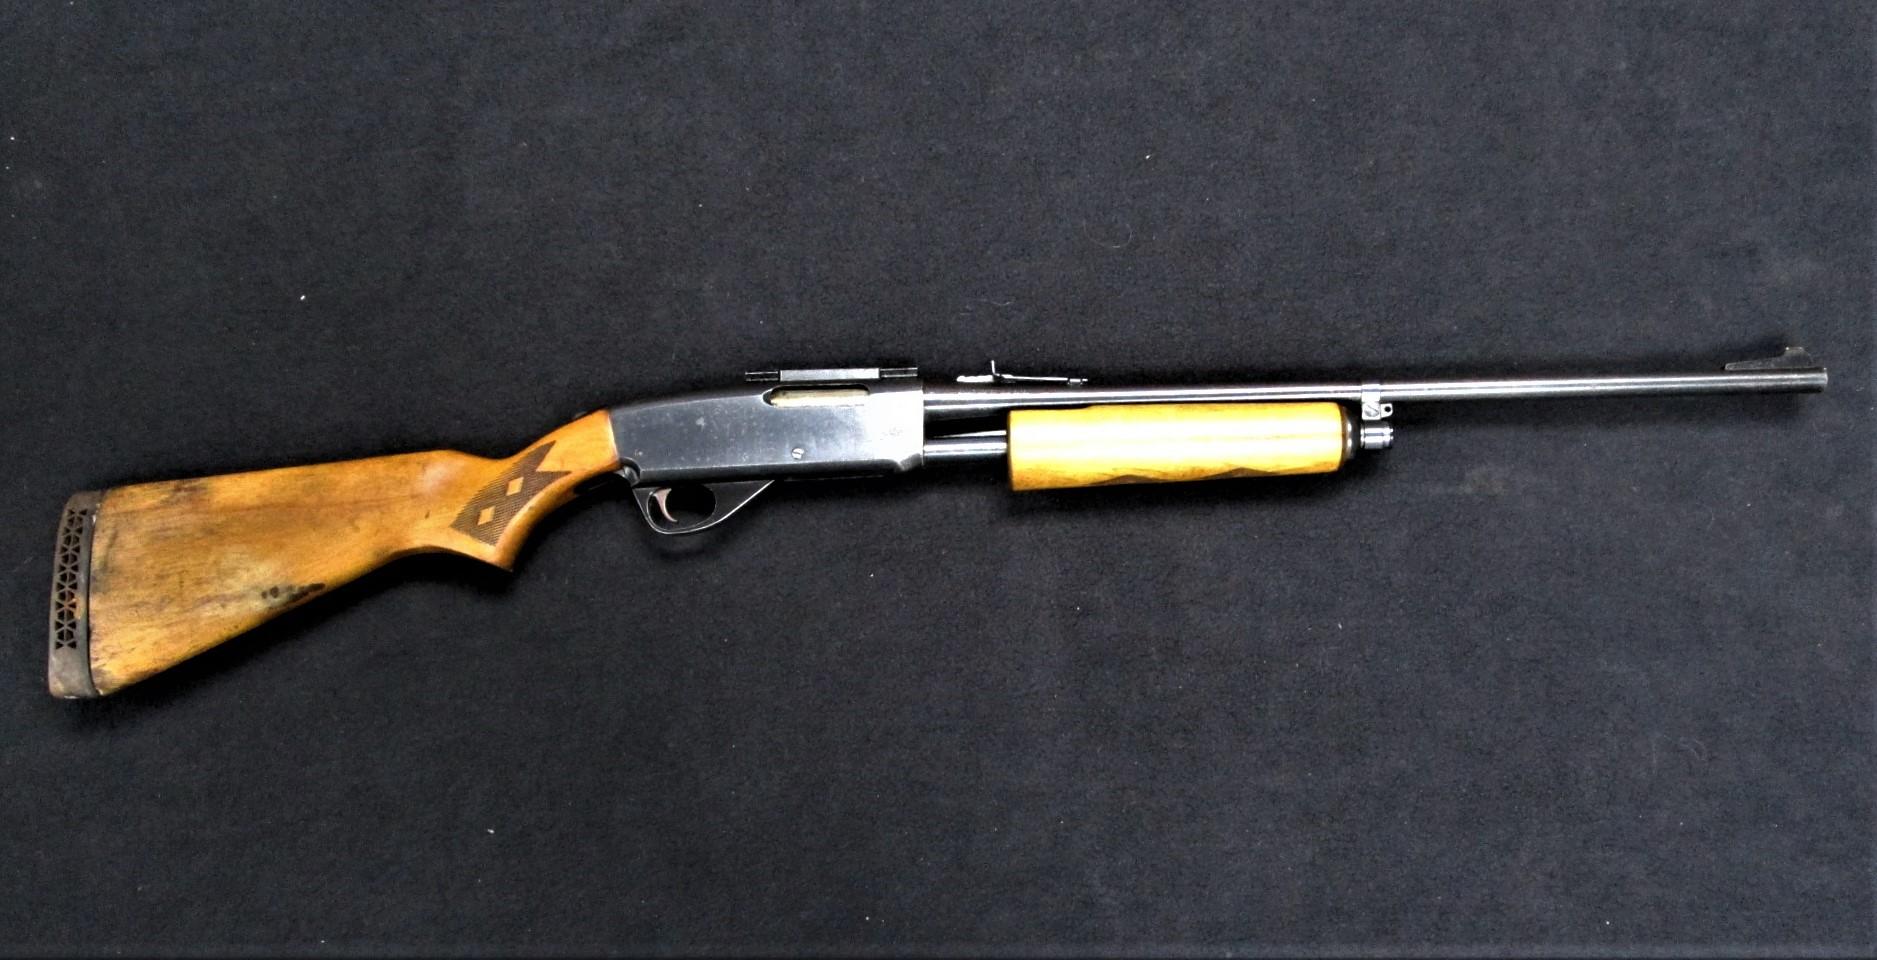 Revelation Model 260 Shotgun